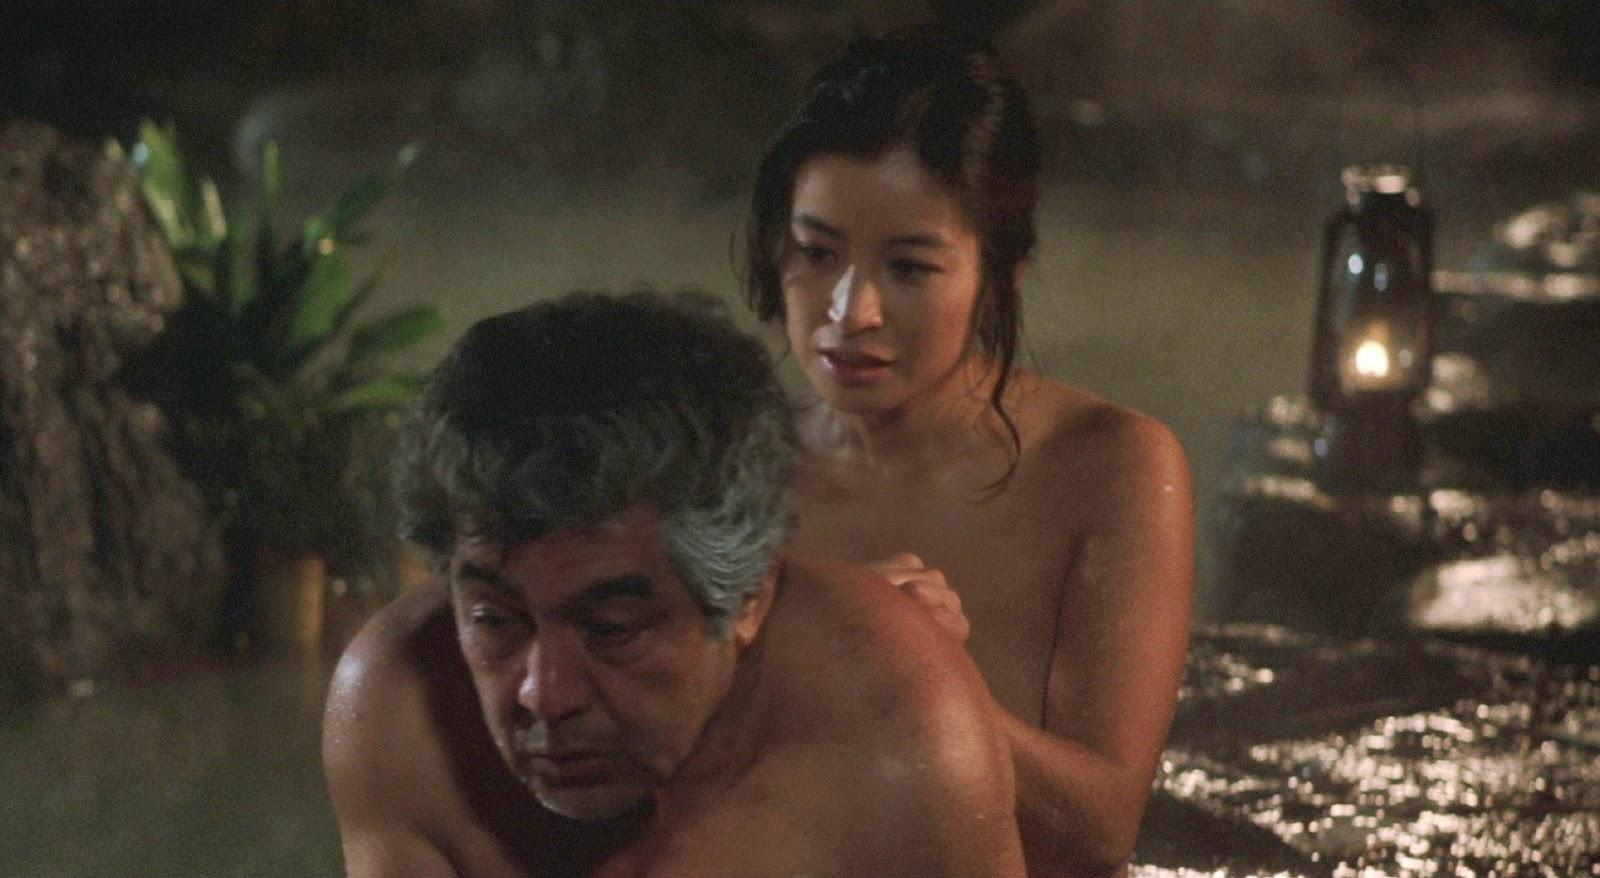 Les 8 films japonais quil faut avoir vus - kanpaifr